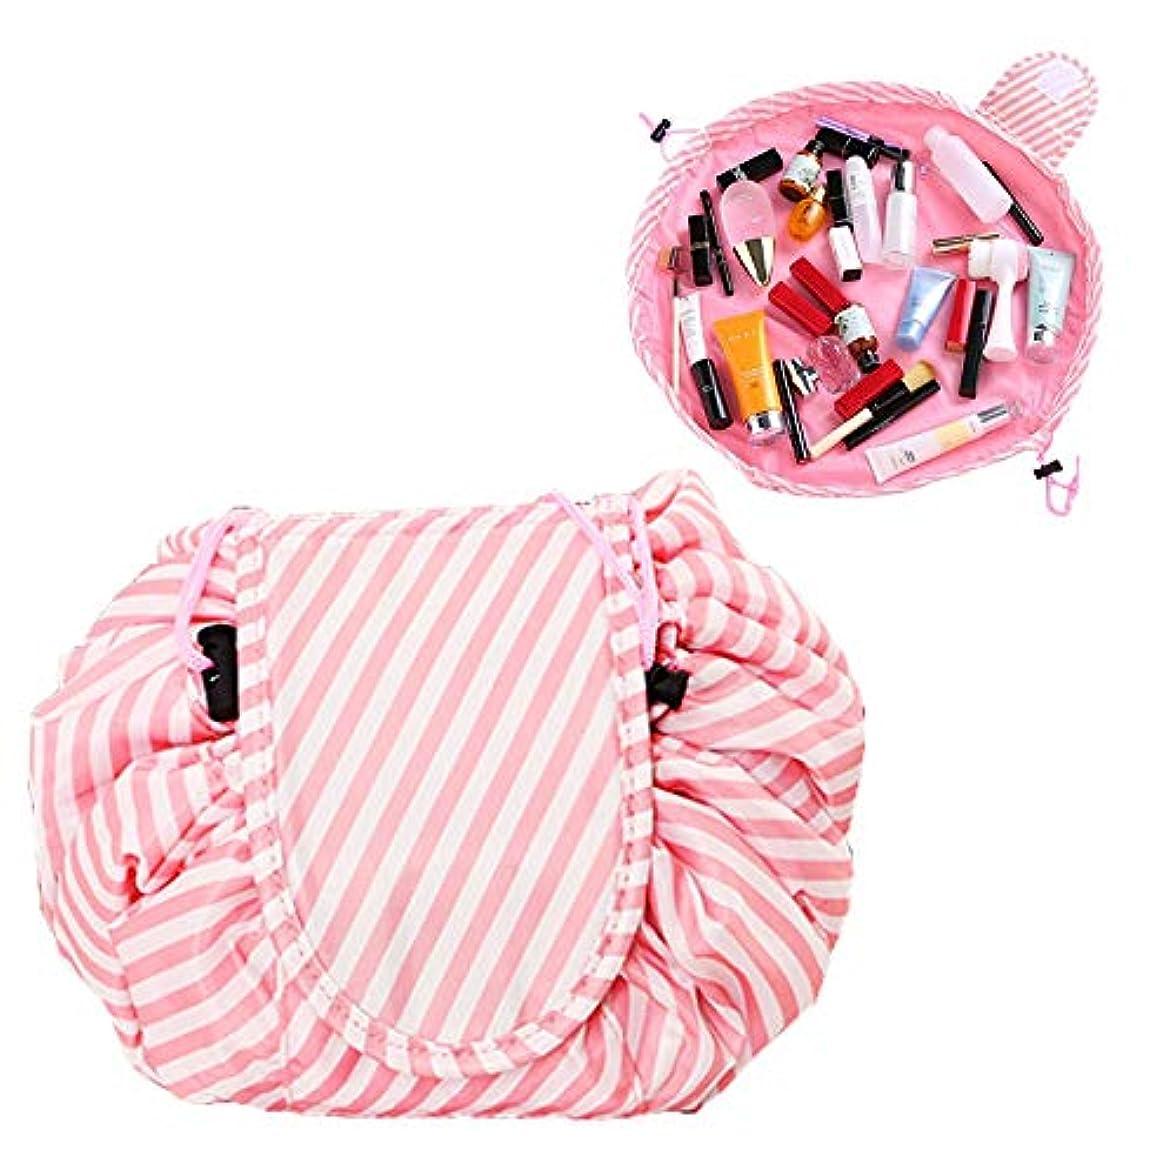 バステンポ滞在Basong 化粧ポーチ 巾着型 コスメポーチ ポーチ メイク収納 巾着バッグ レディース 小物入れ 持ち運び コンパクト